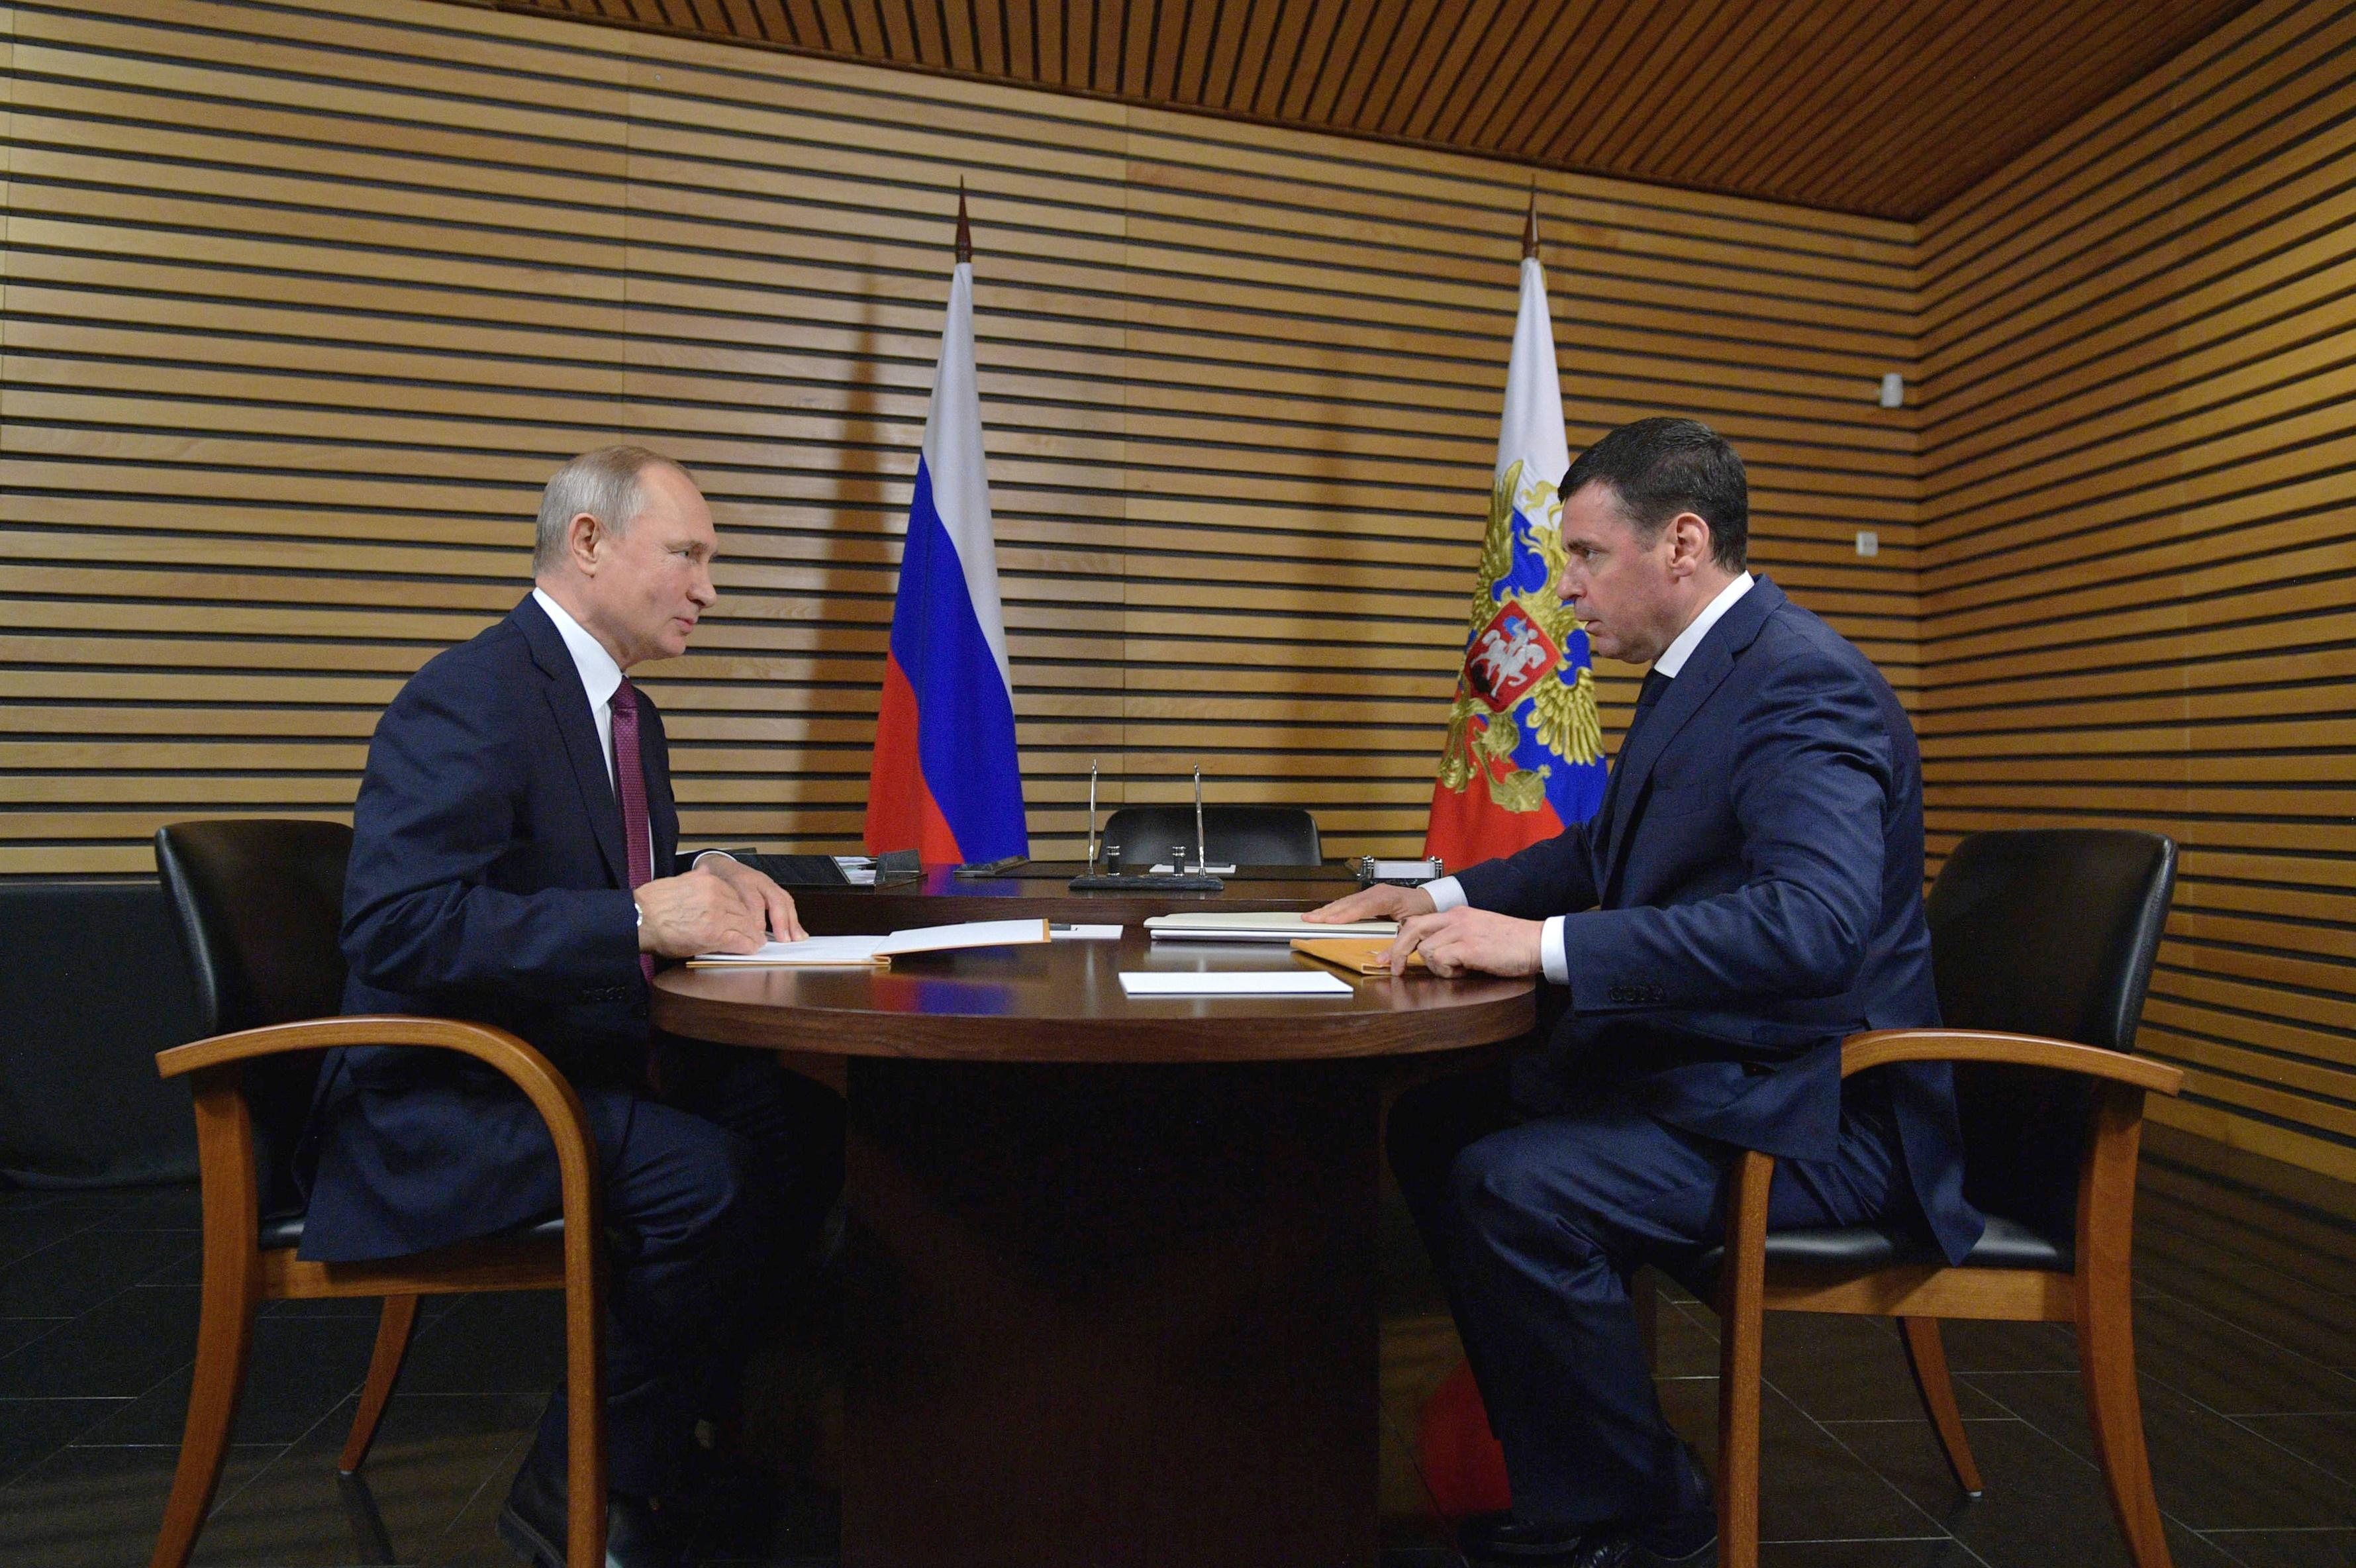 Дмитрий Миронов на встрече с Владимиром Путиным обсудил достижения и перспективы области